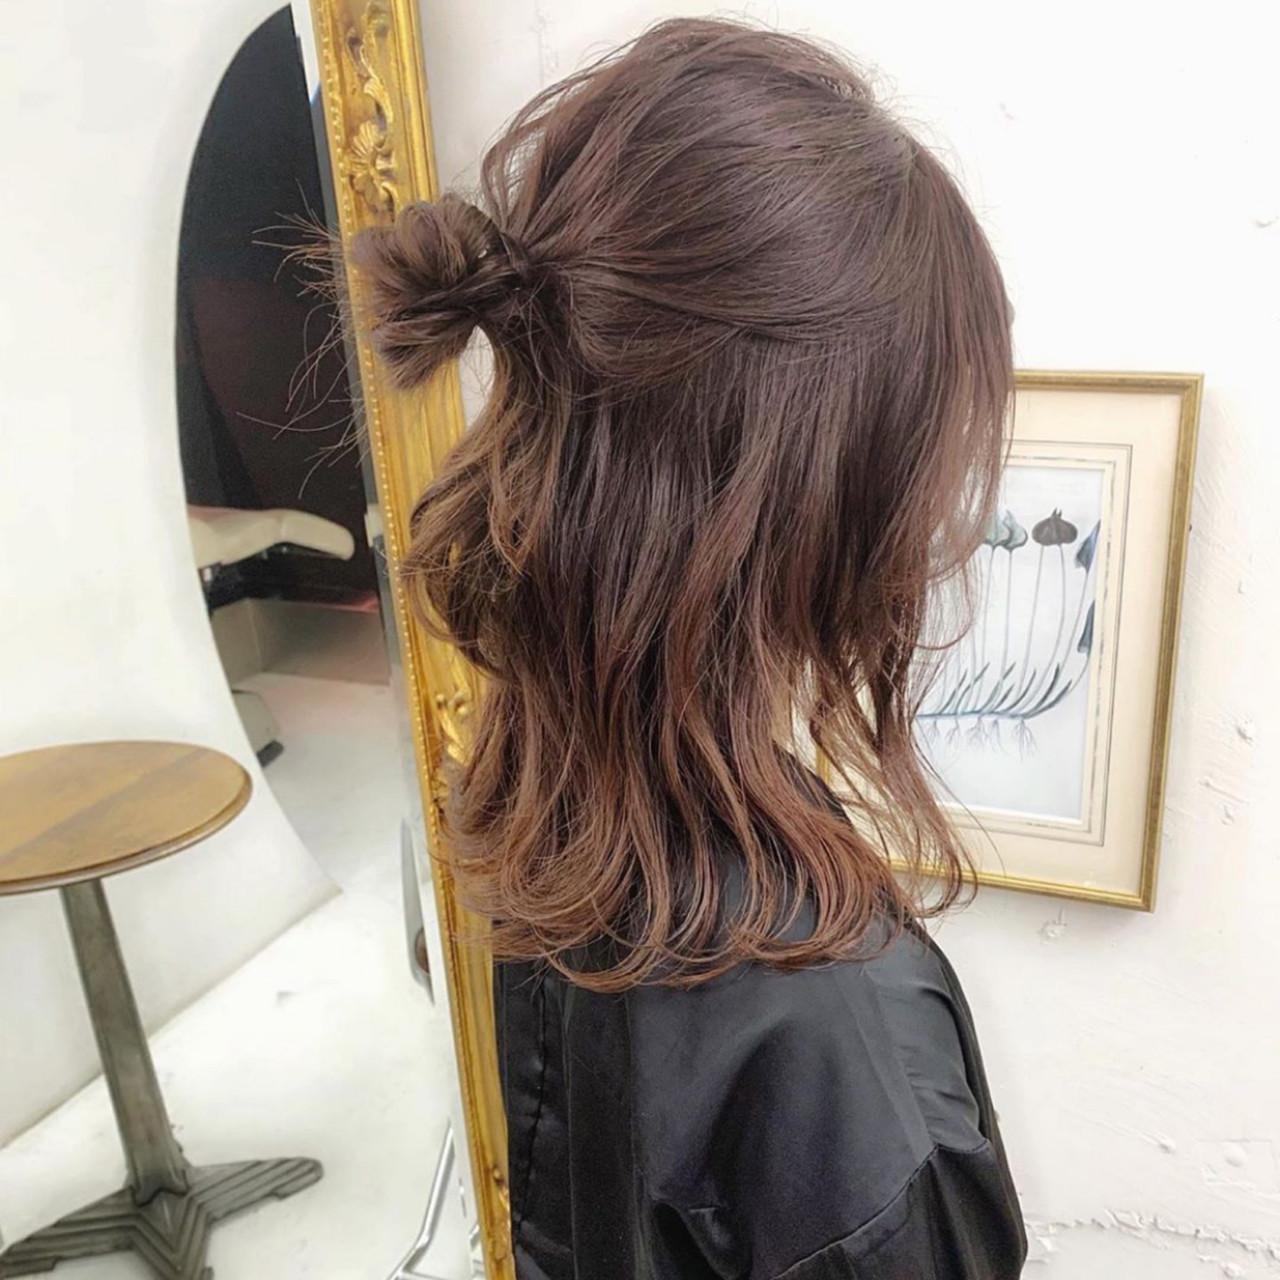 ハーフアップ ロング ナチュラル 簡単ヘアアレンジ ヘアスタイルや髪型の写真・画像